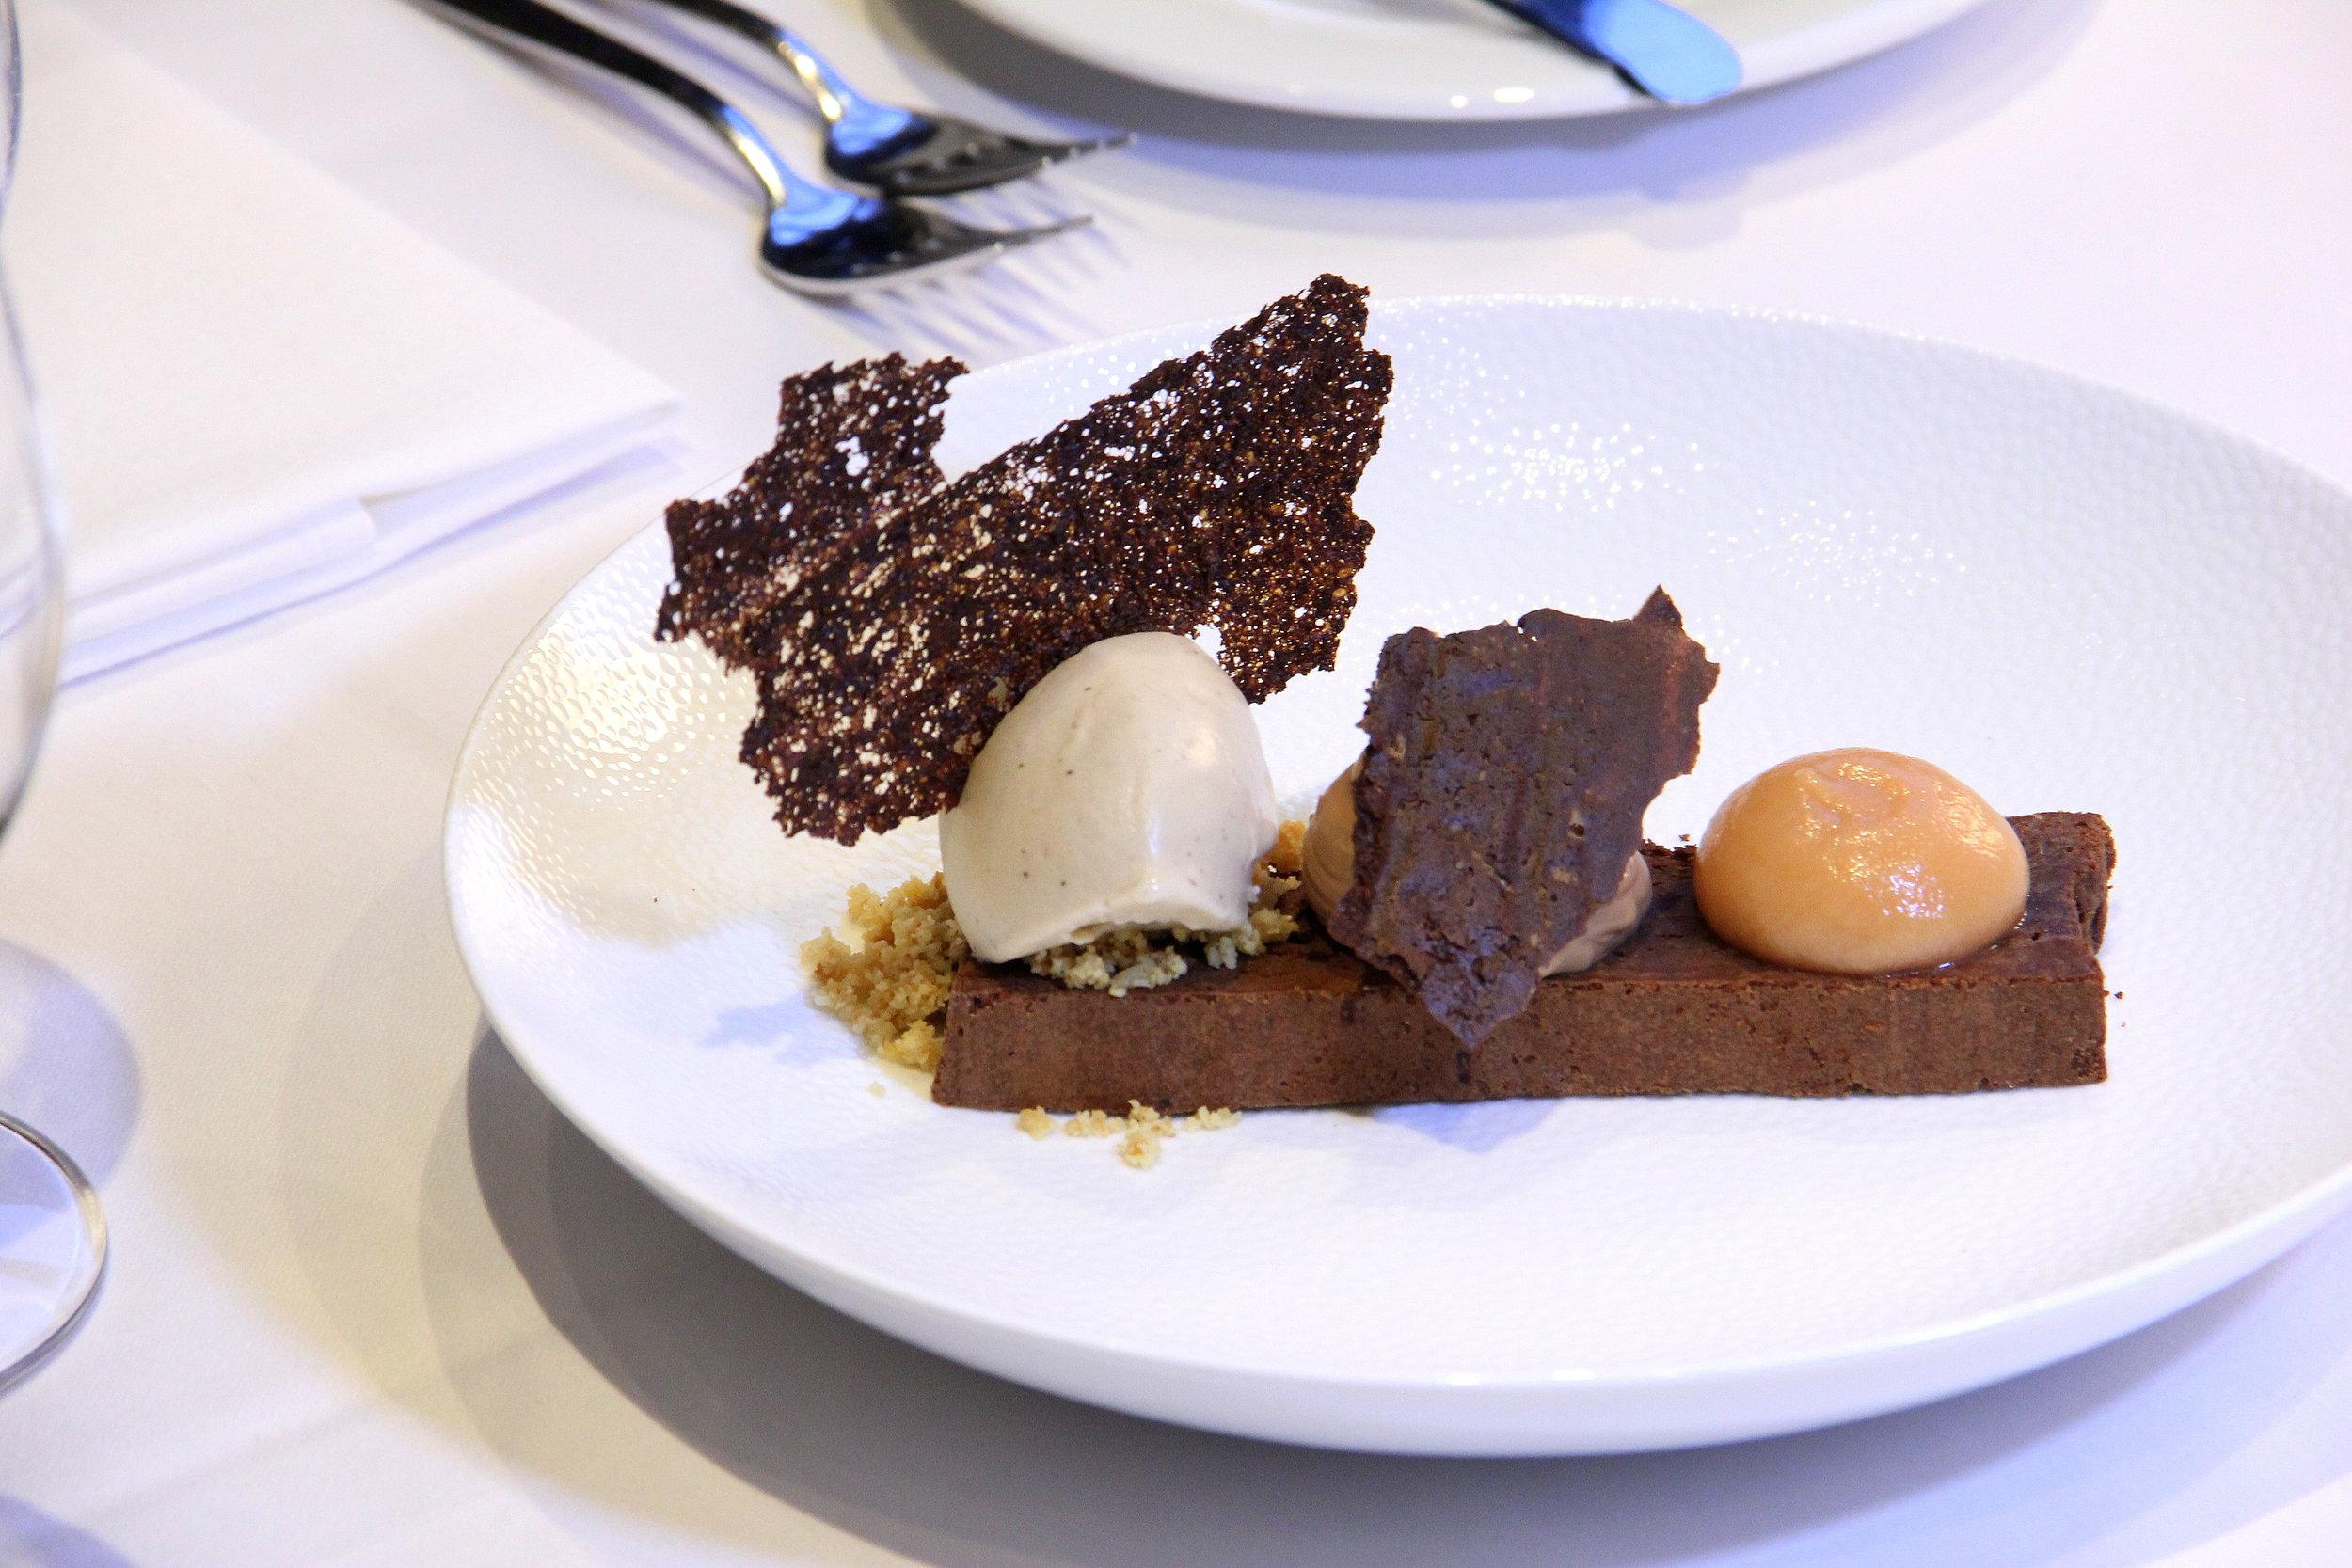 ....  Šokolaadikook ebaküdoonia ja Earl Grey jäätisega 6€  Teiste seast see magustoit liialt esile ei tüki, aga midagi väga klassikalist peab ju samuti menüüsse jätma. Šokolaadikook oleks võinud olla ehk veidi mahlasem, meil kõigile jättis see veidi kuiva mulje. Earl Grey jäätis aga säras oma kogu hiilguses, see oli meile täiesti uus kogemus!  ..  Chocolate brownie with quince and Earl Grey ice-cream 6€  Compared to the other desserts, this did not impress us that much. The chocolate brownie we would have hoped to be a little more moist, it sort of left us craving for moisture. The Earl Grey ice cream was the cherry on top, shining with all its glory, it was a totally new experience for us!  ....